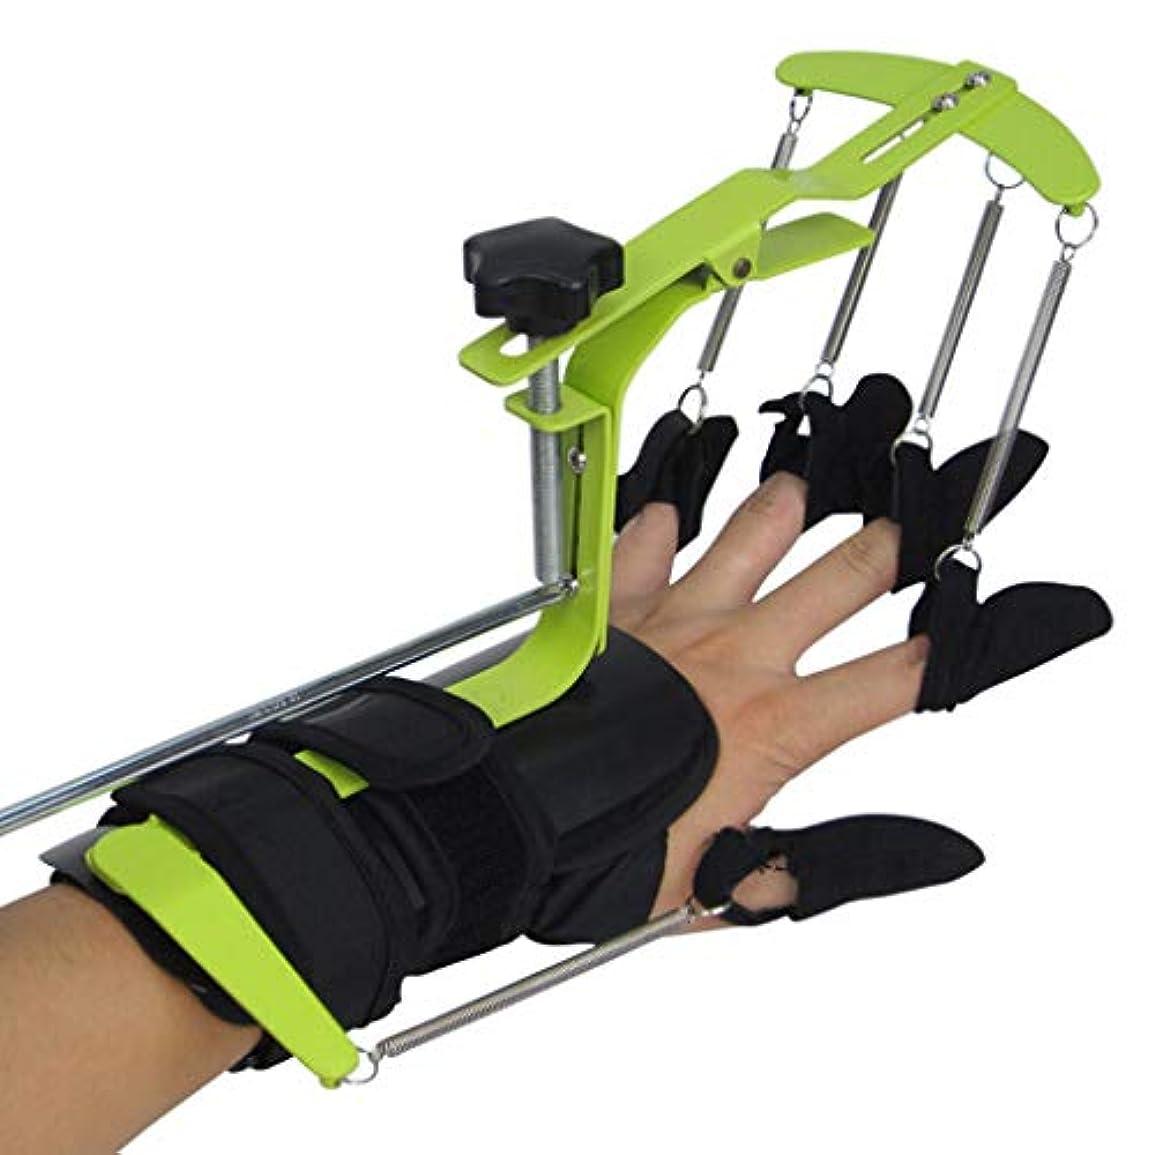 ぬれた抗生物質ブル指トレーナー - 調節可能な腱修復装具、脳卒中、片麻痺患者のための多機能ハンド理学療法リハビリ機器